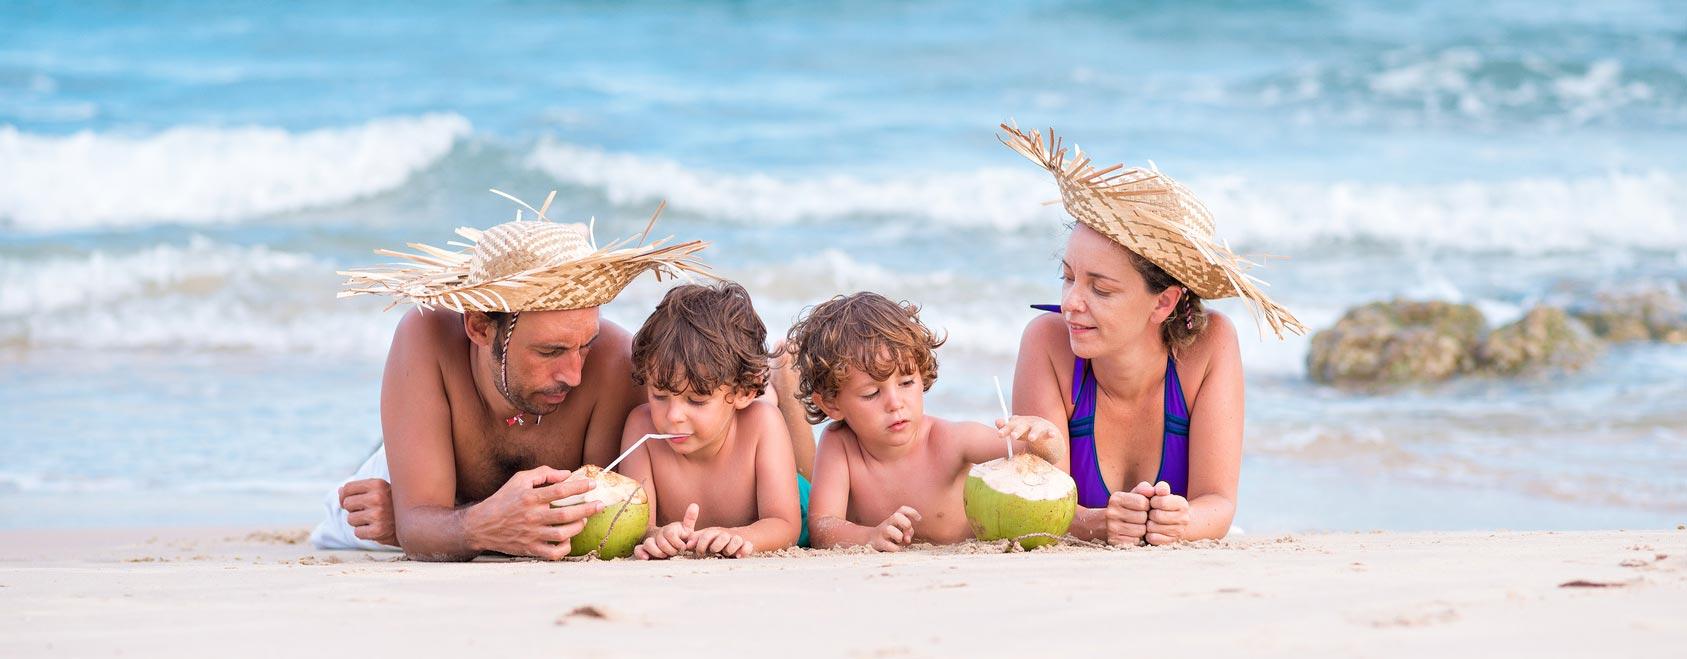 Familien_Strandurlaub